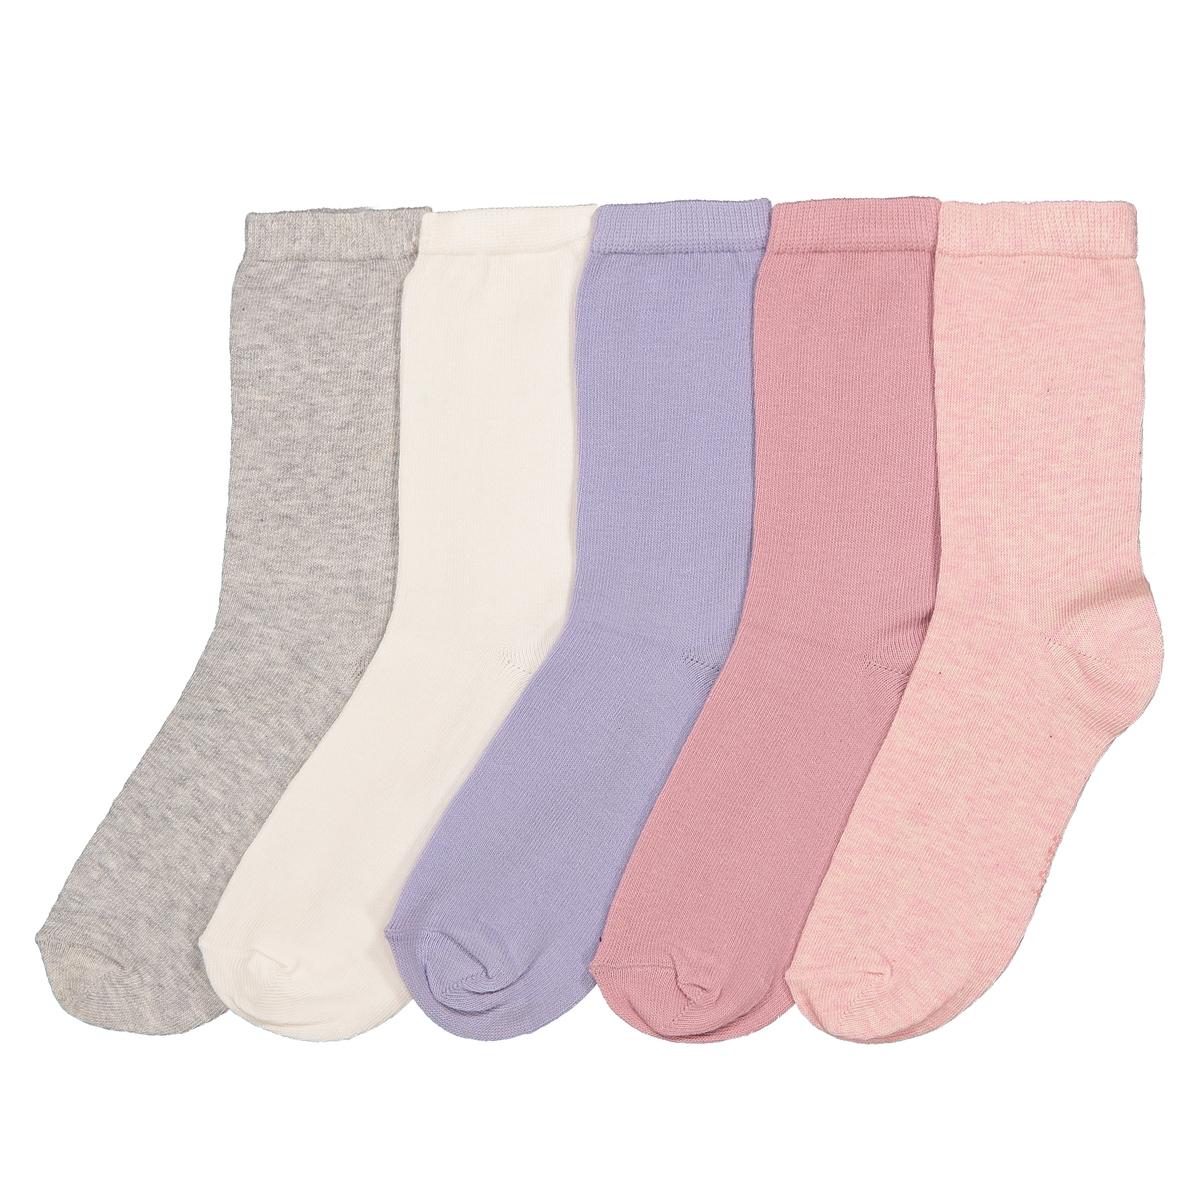 Комплект из пар носков La Redoute Размеры - 39/42 разноцветный комплект из пар носков la redoute размеры 23 26 черный